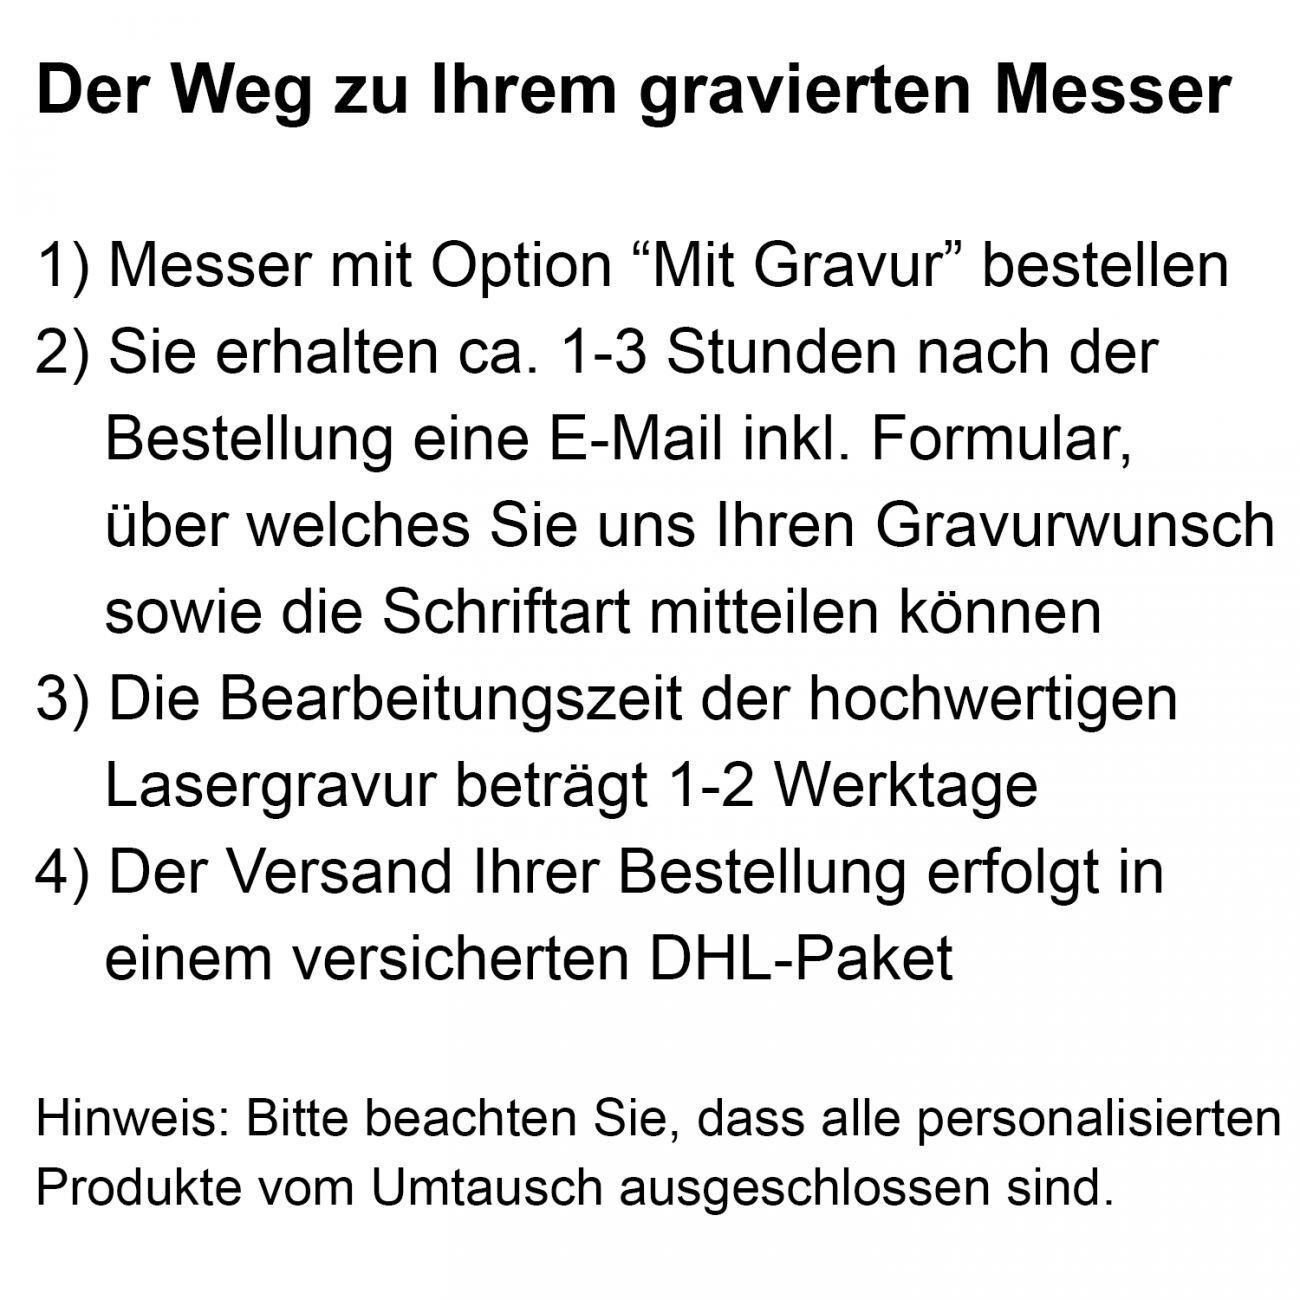 Mit Gravur - Yaxell RAN 69 Santokumesser 16,5 cm + + + PRYMO ® Klingenschutz df91d7